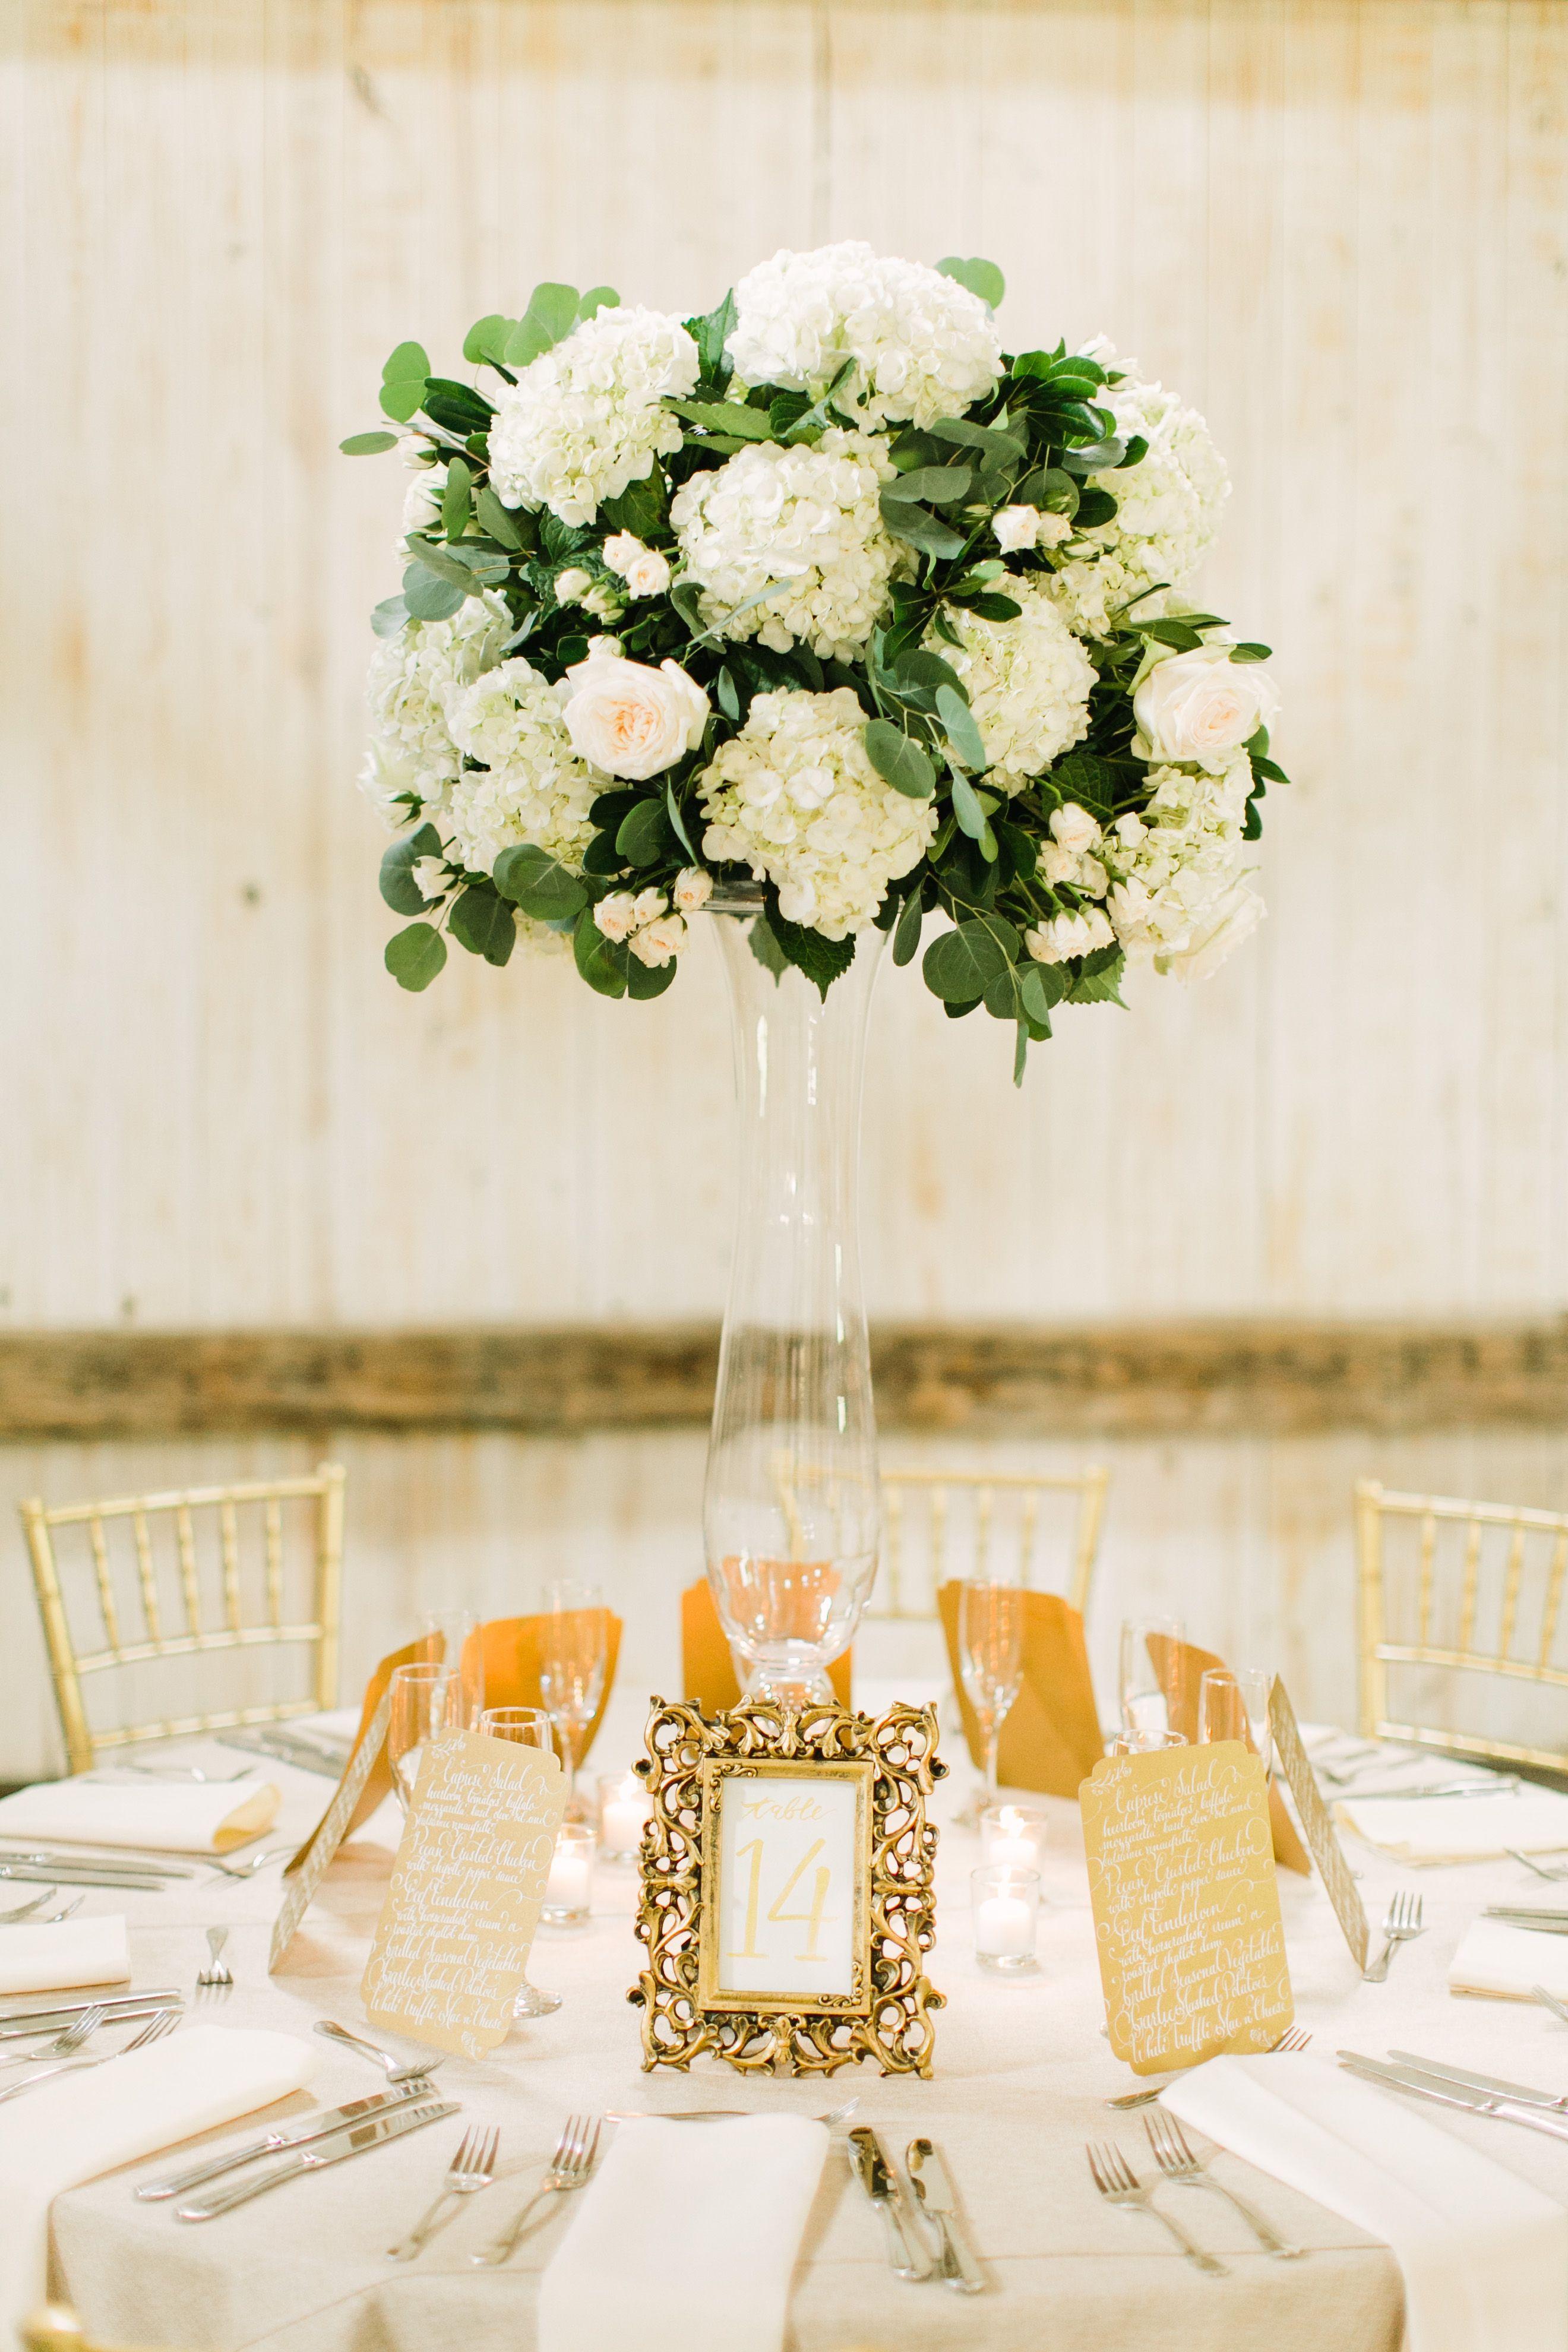 Barn wedding - gather-in-grace.com | Gather in Grace - Wedding Ideas ...